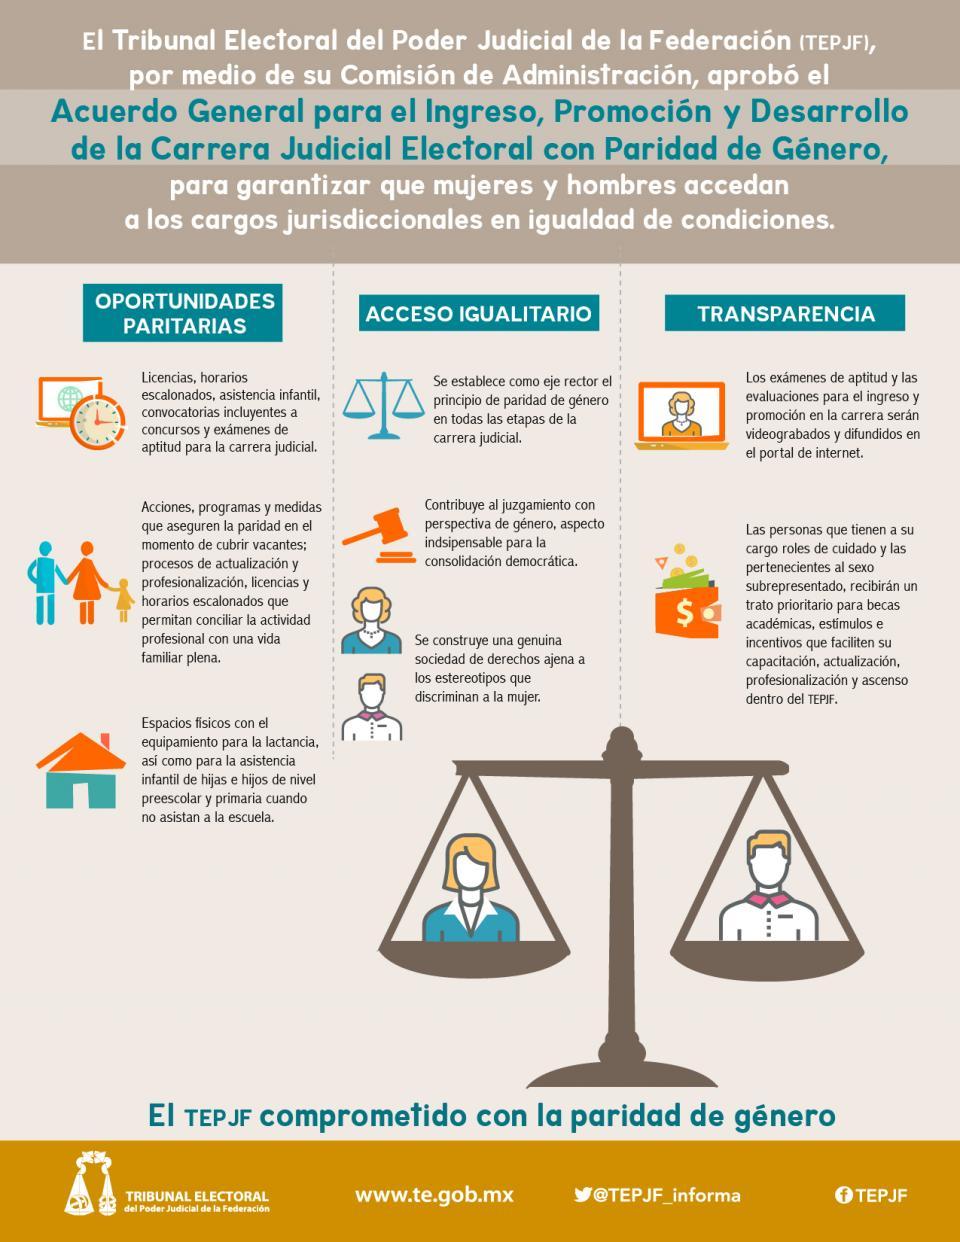 El tribunal electoral del poder judicial de la federación adopta un modelo de carrera judicial reforzado, que garantizará la paridad de género